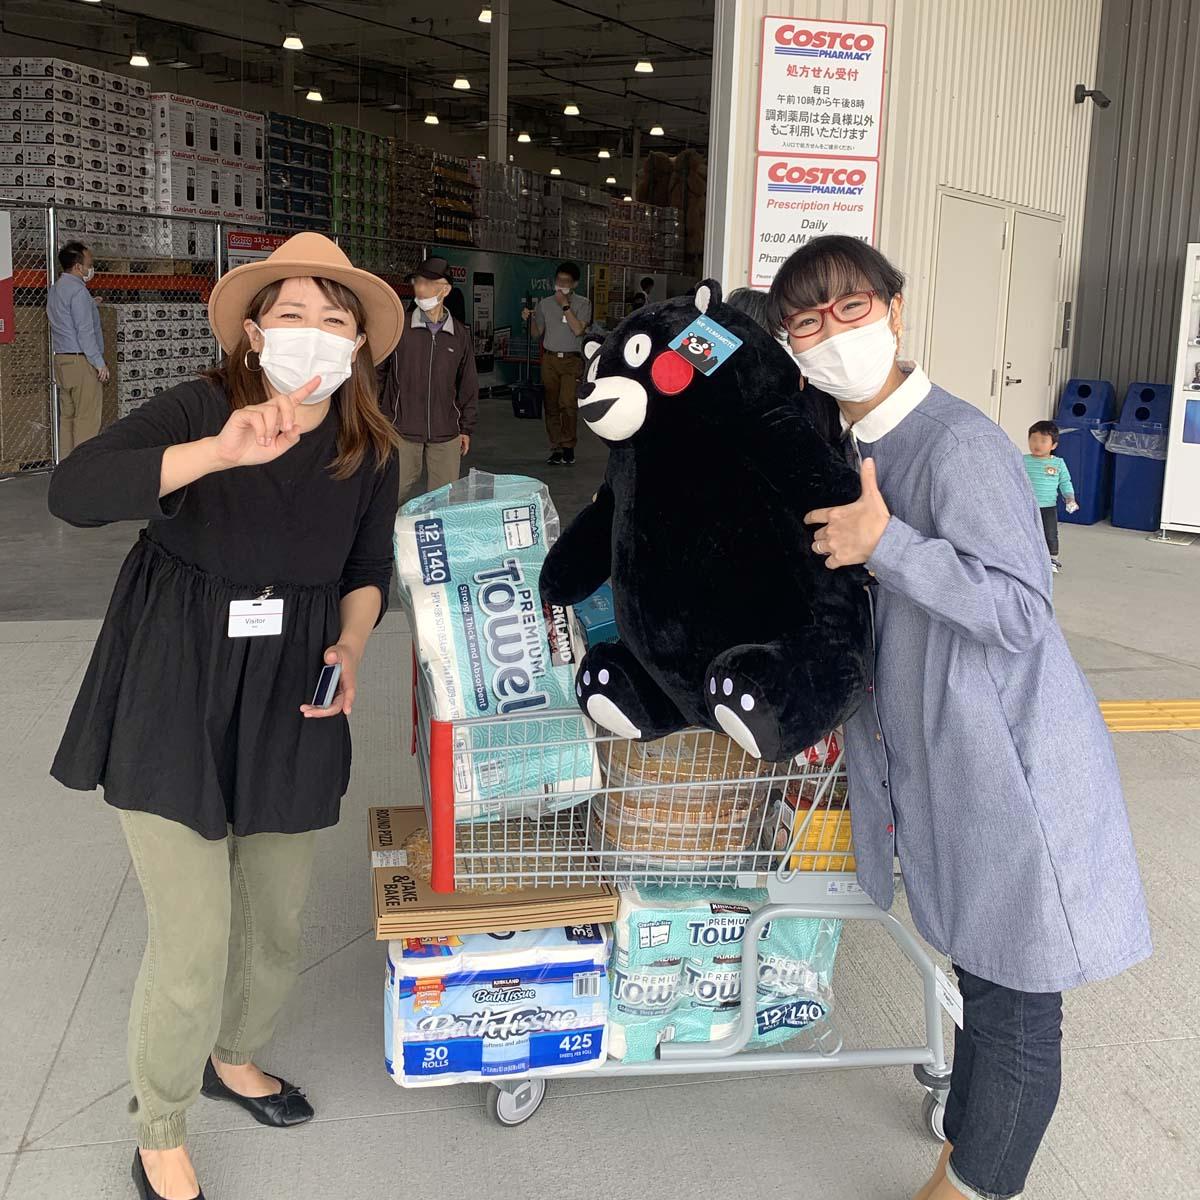 「おがっち」こと緒方由美さんとコス子 コストコ熊本御船倉庫店にて